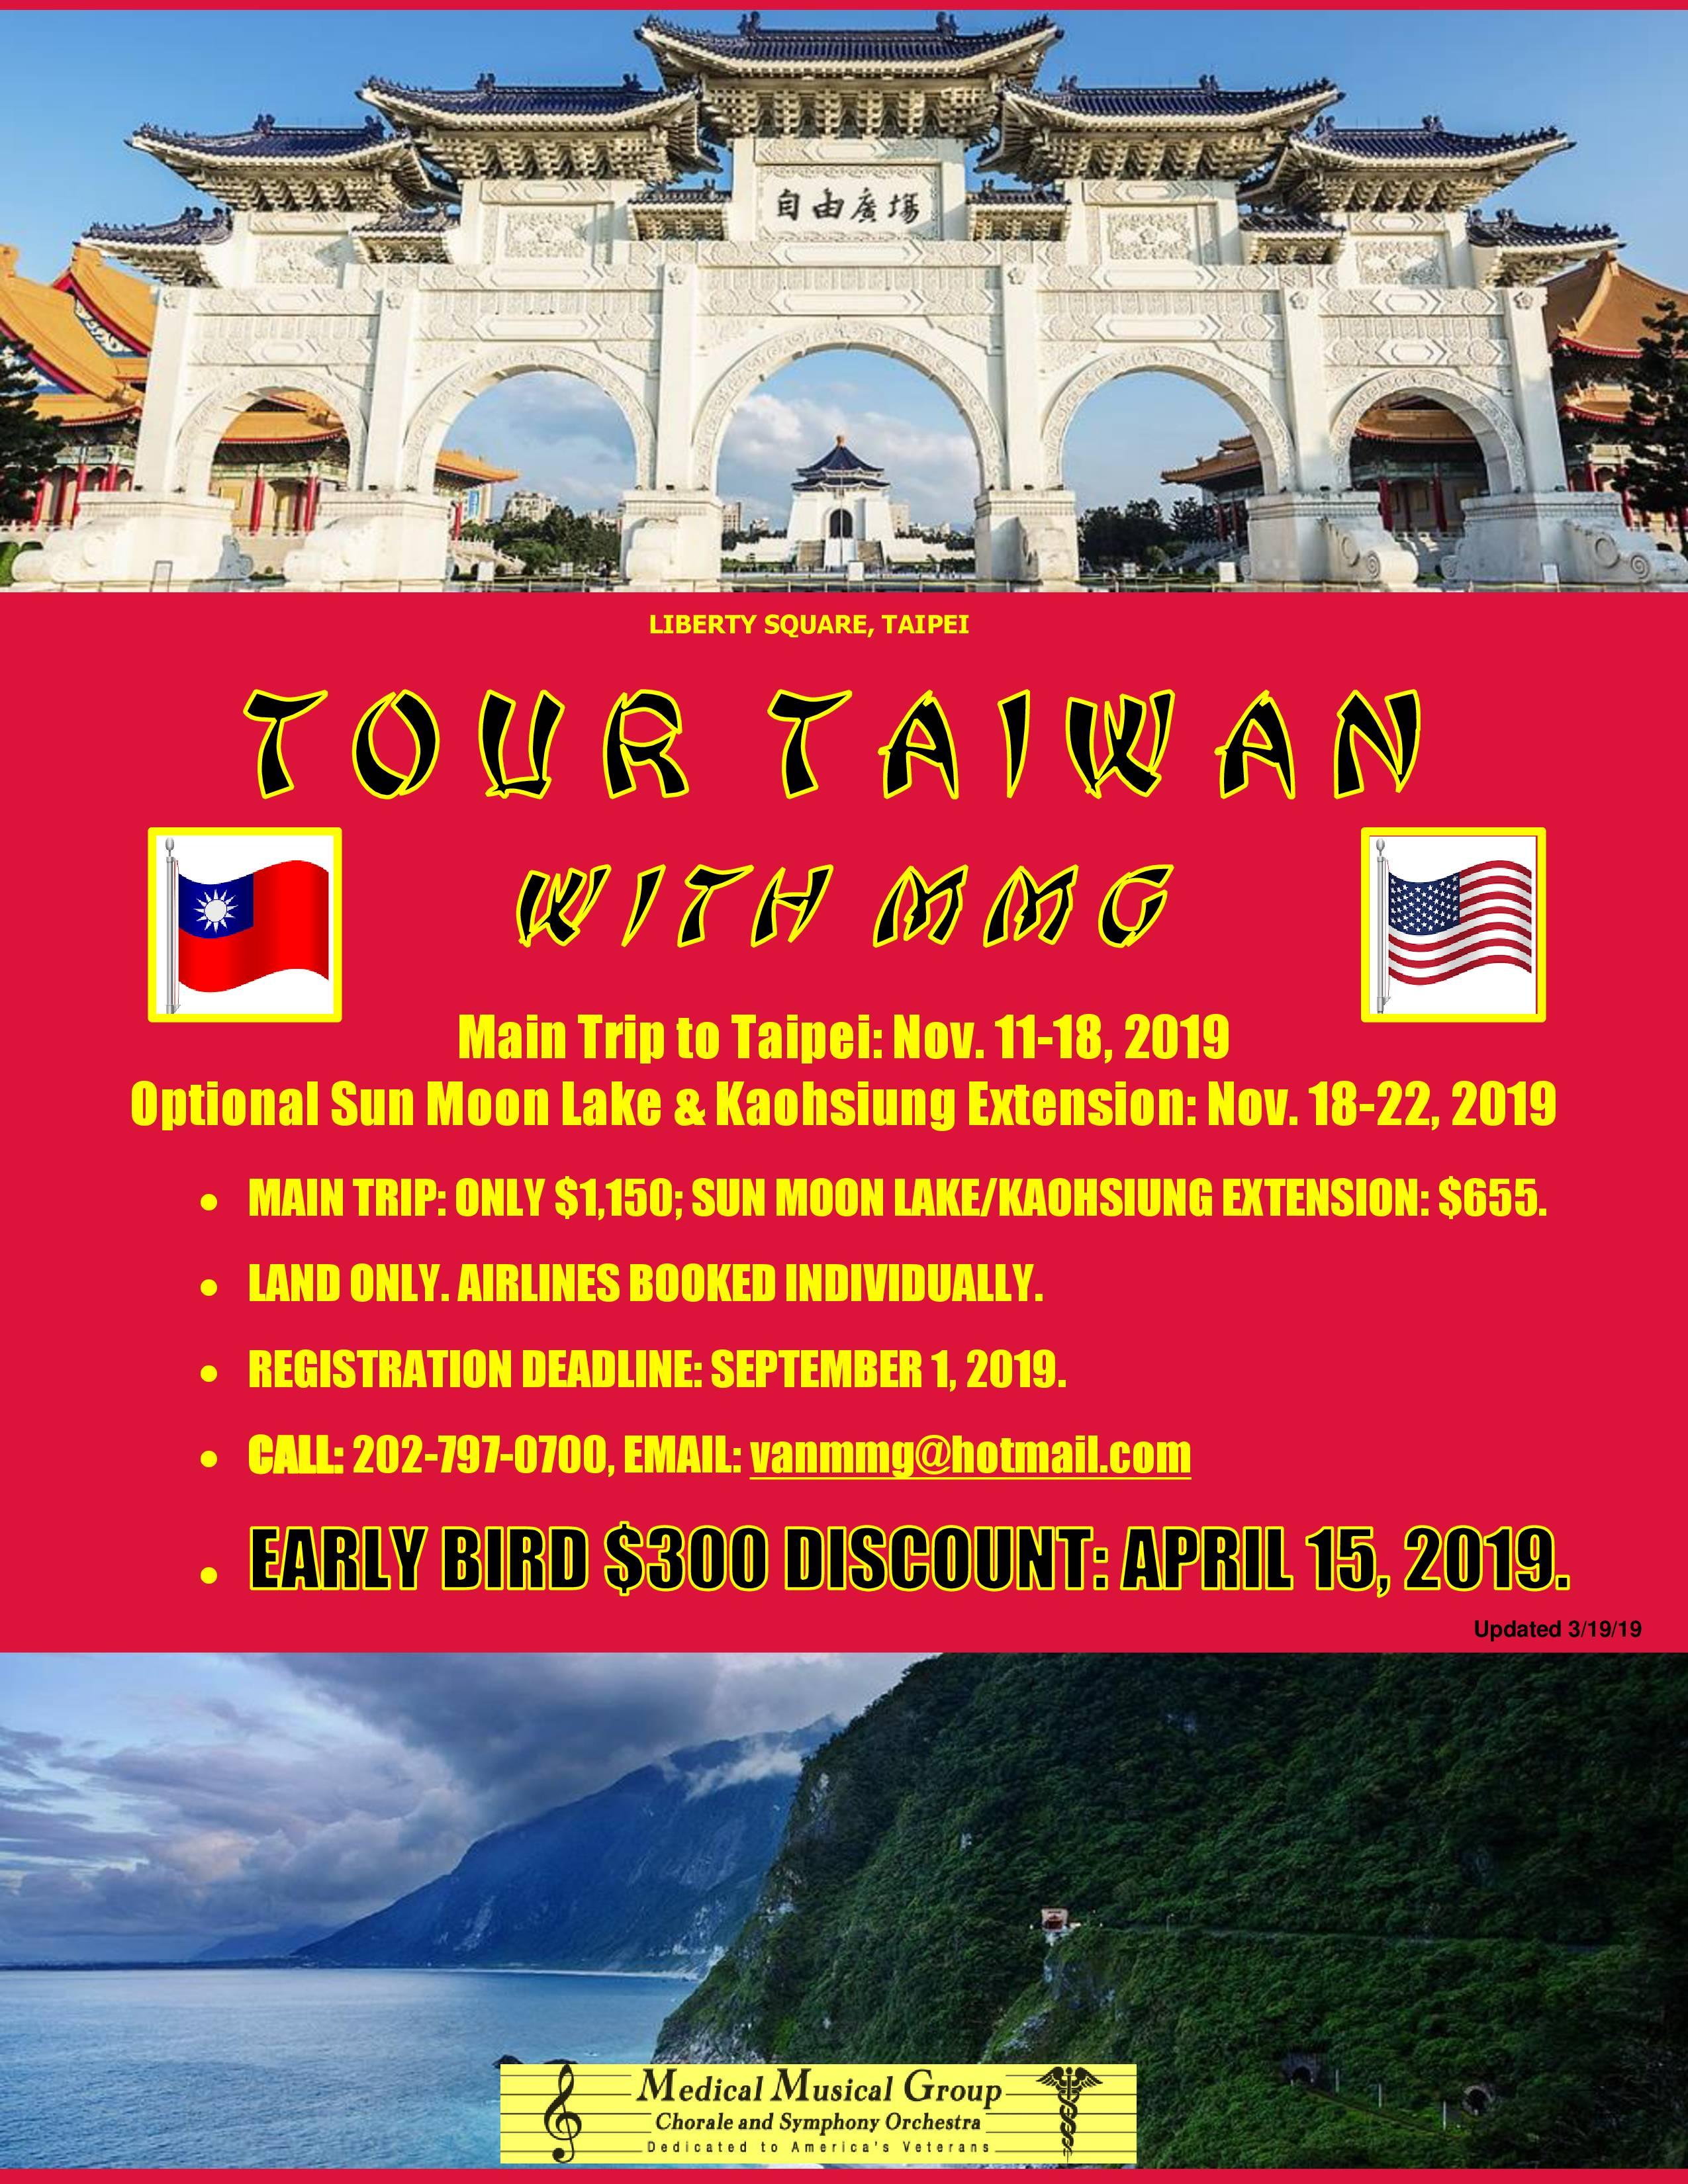 Taiwan Concert Tour - Medical Musical Group